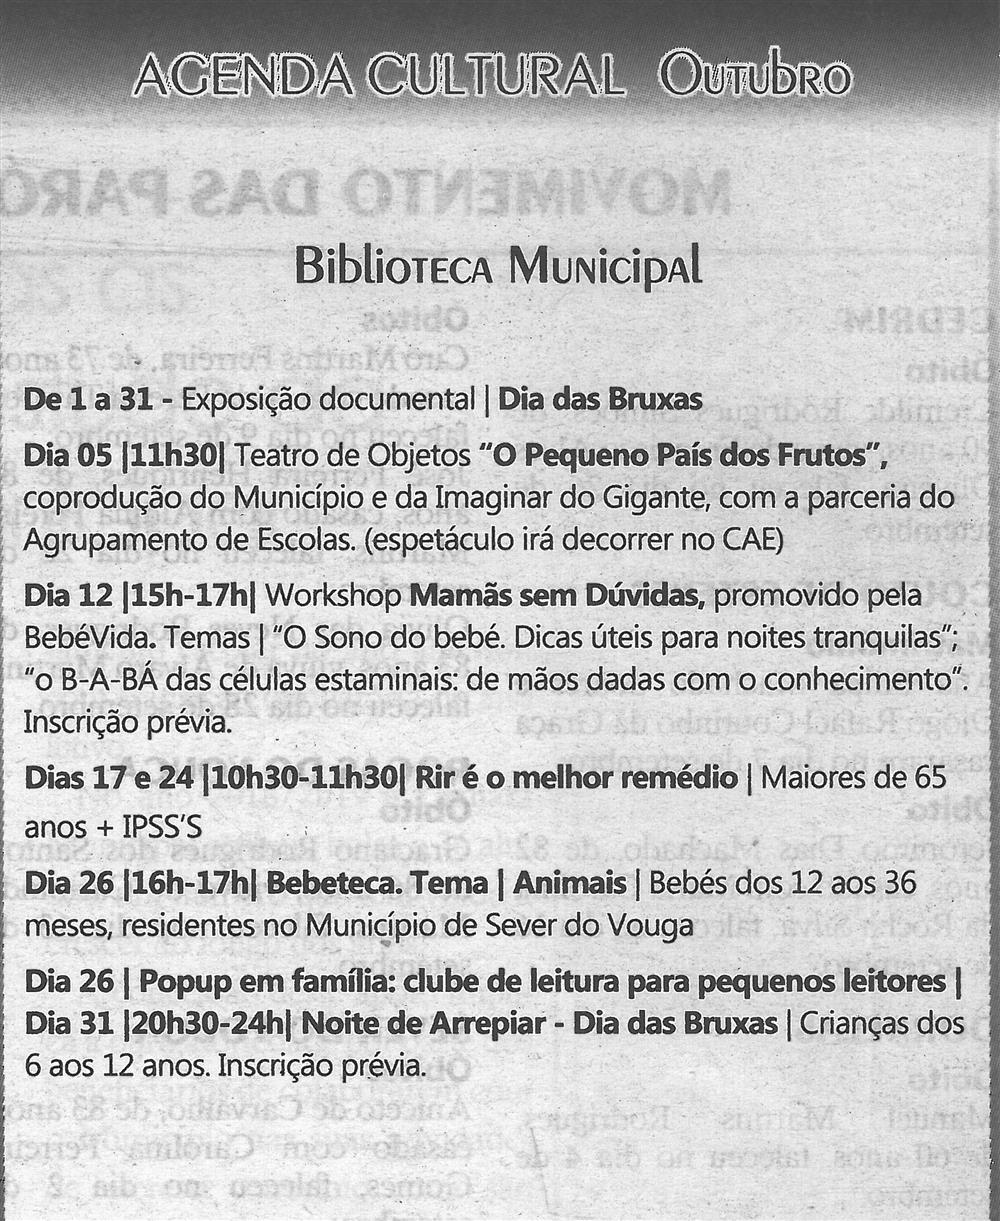 TV-out.'19-p.18-Agenda Cultural [de] outubro : Biblioteca Municipal.jpg